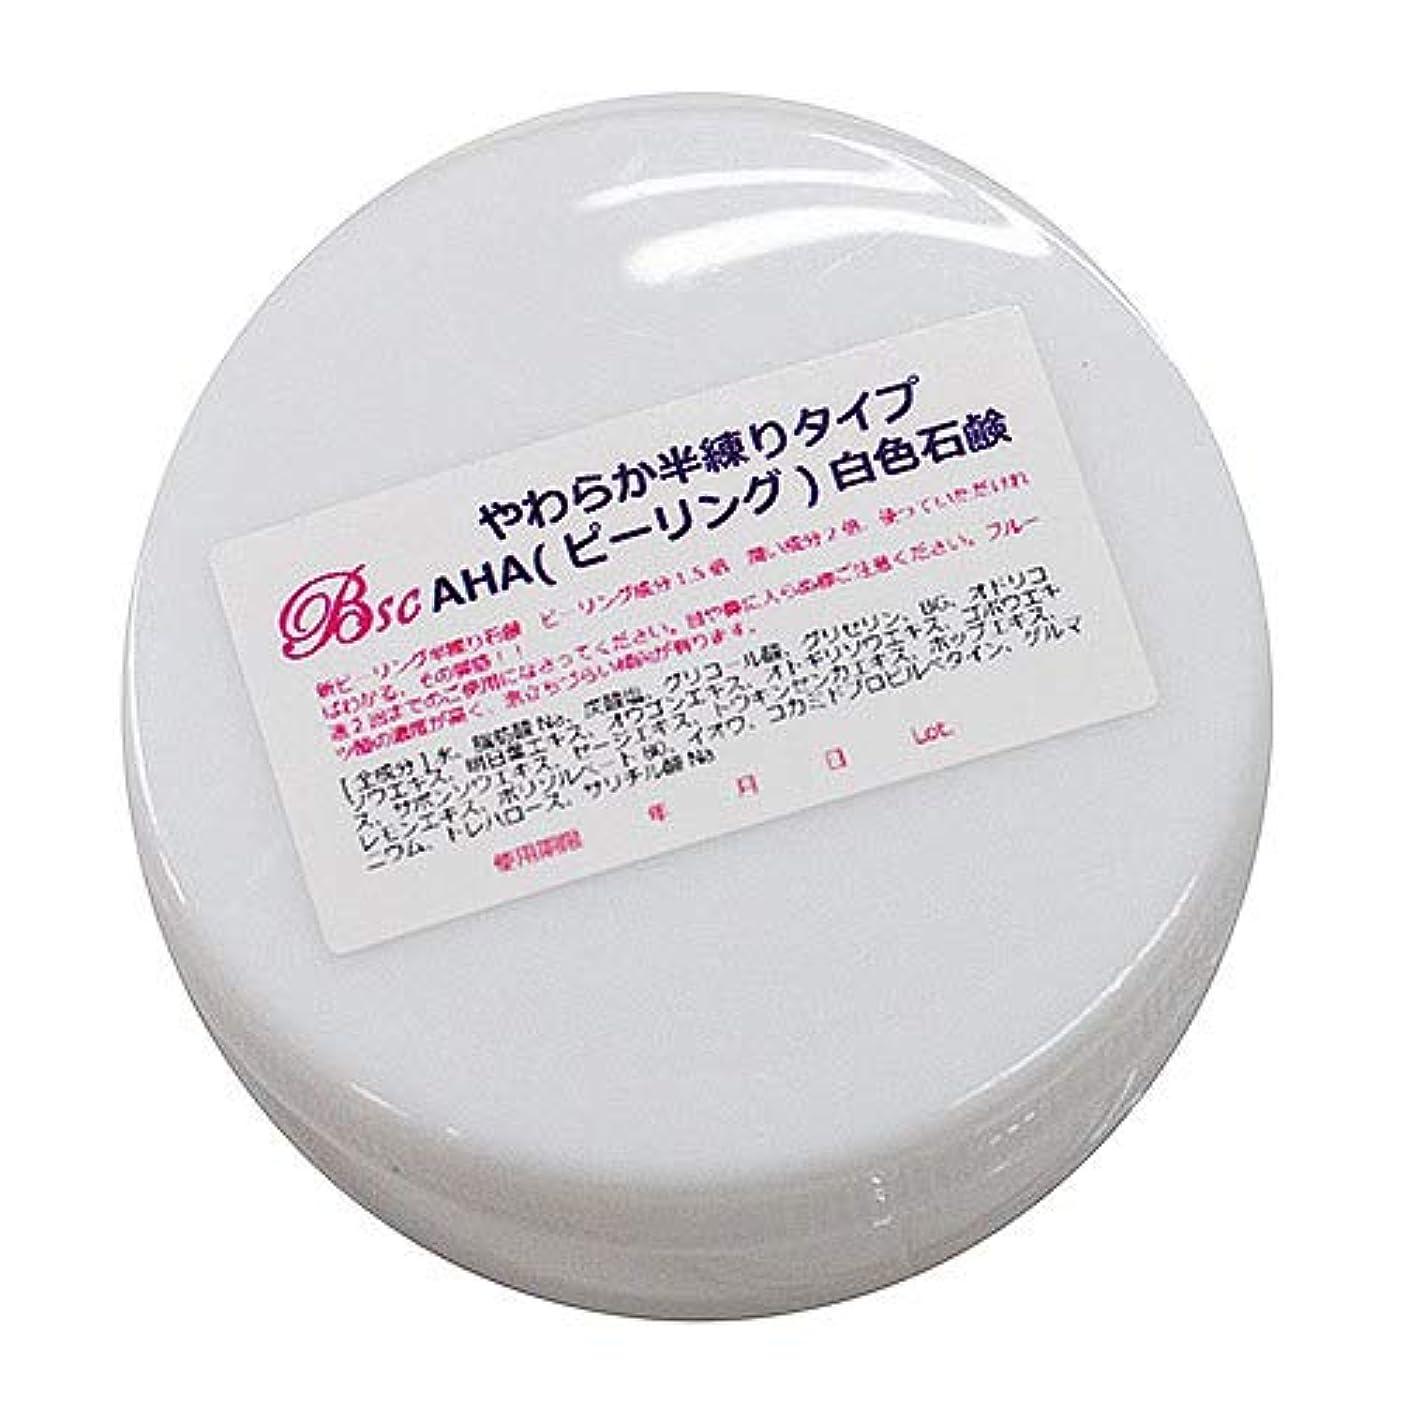 作動するペインティング探すやわらかい半練りタイプAHA(ピーリング)石鹸?100g